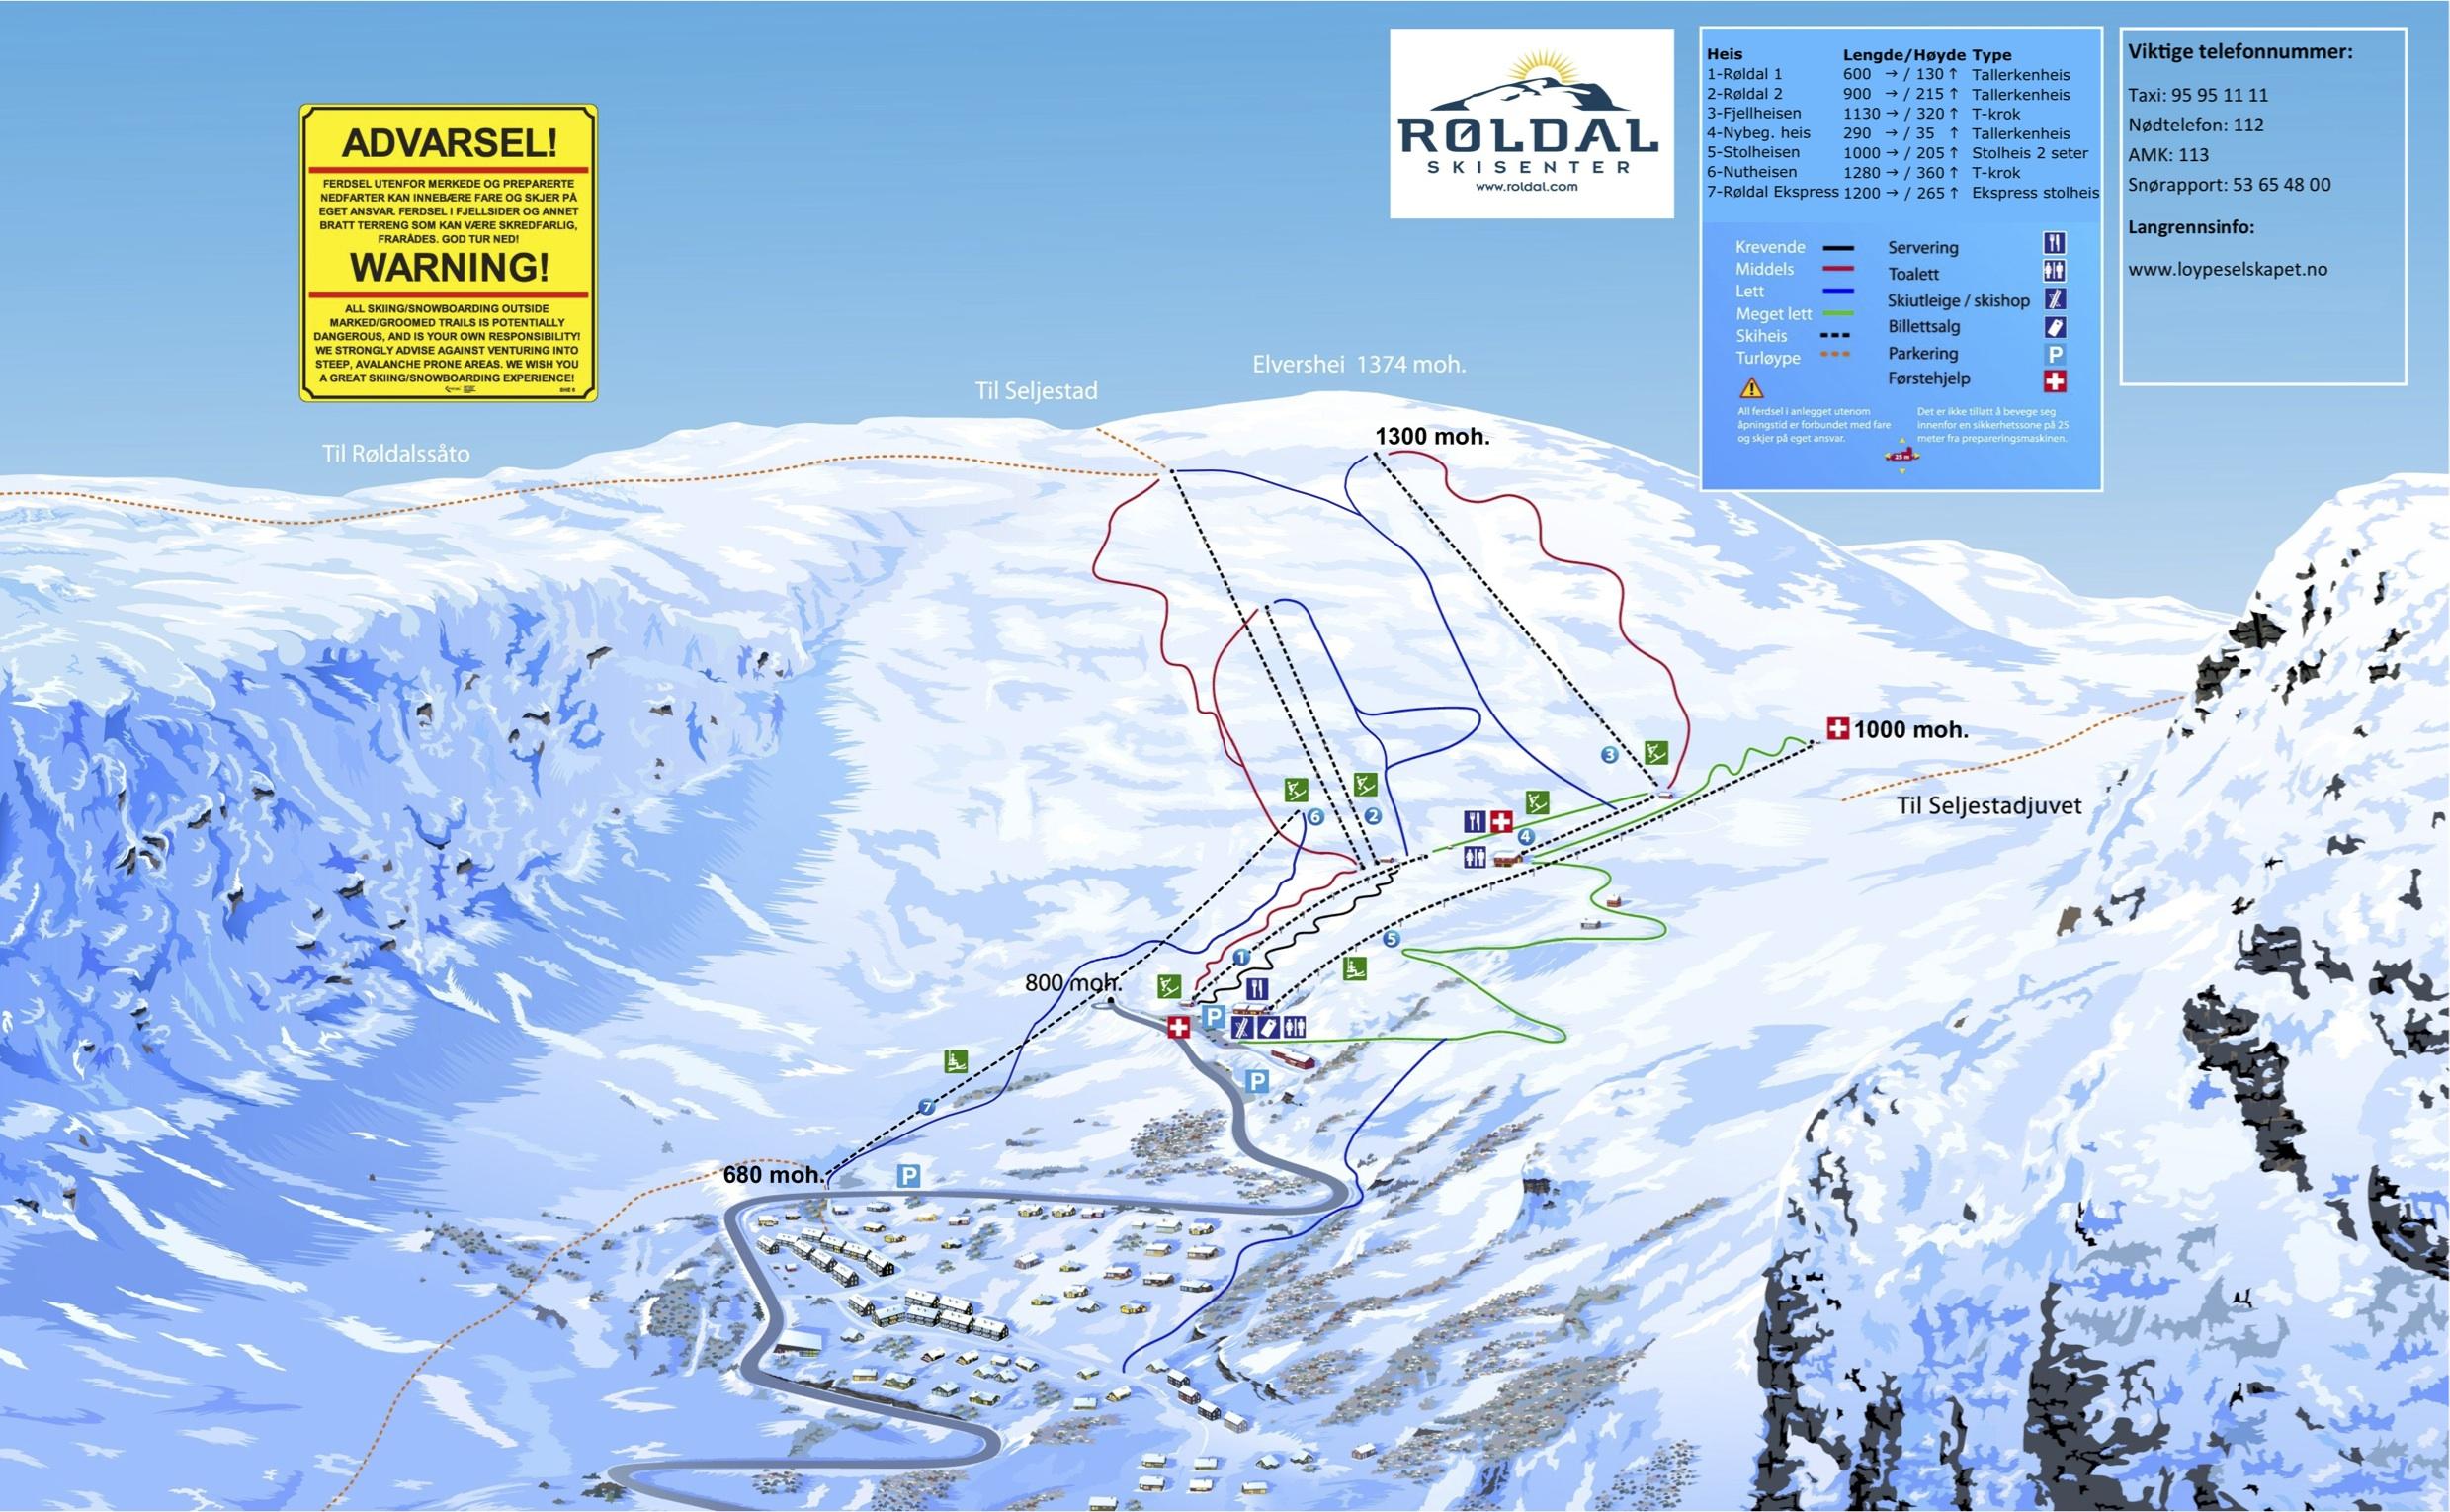 røldal kart Alpin løjpekort   Norsk Hytte Udlejning røldal kart